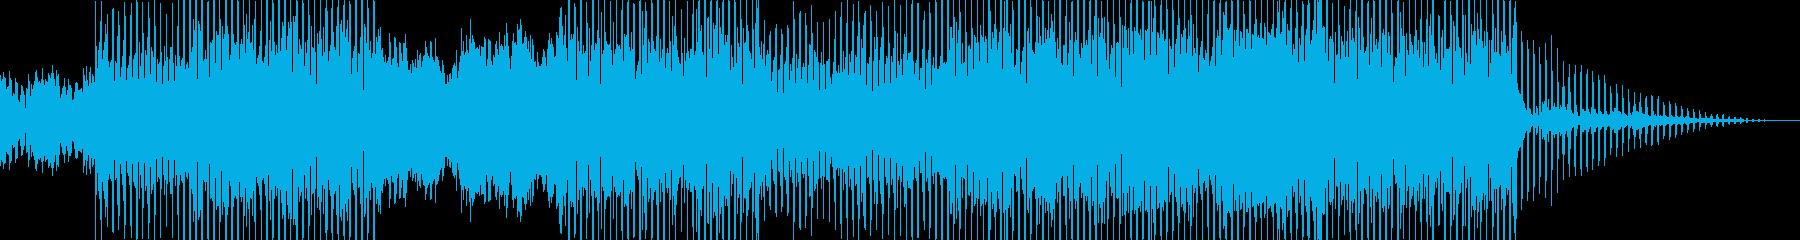 メローで淑やかなオーケストラポップ-14の再生済みの波形